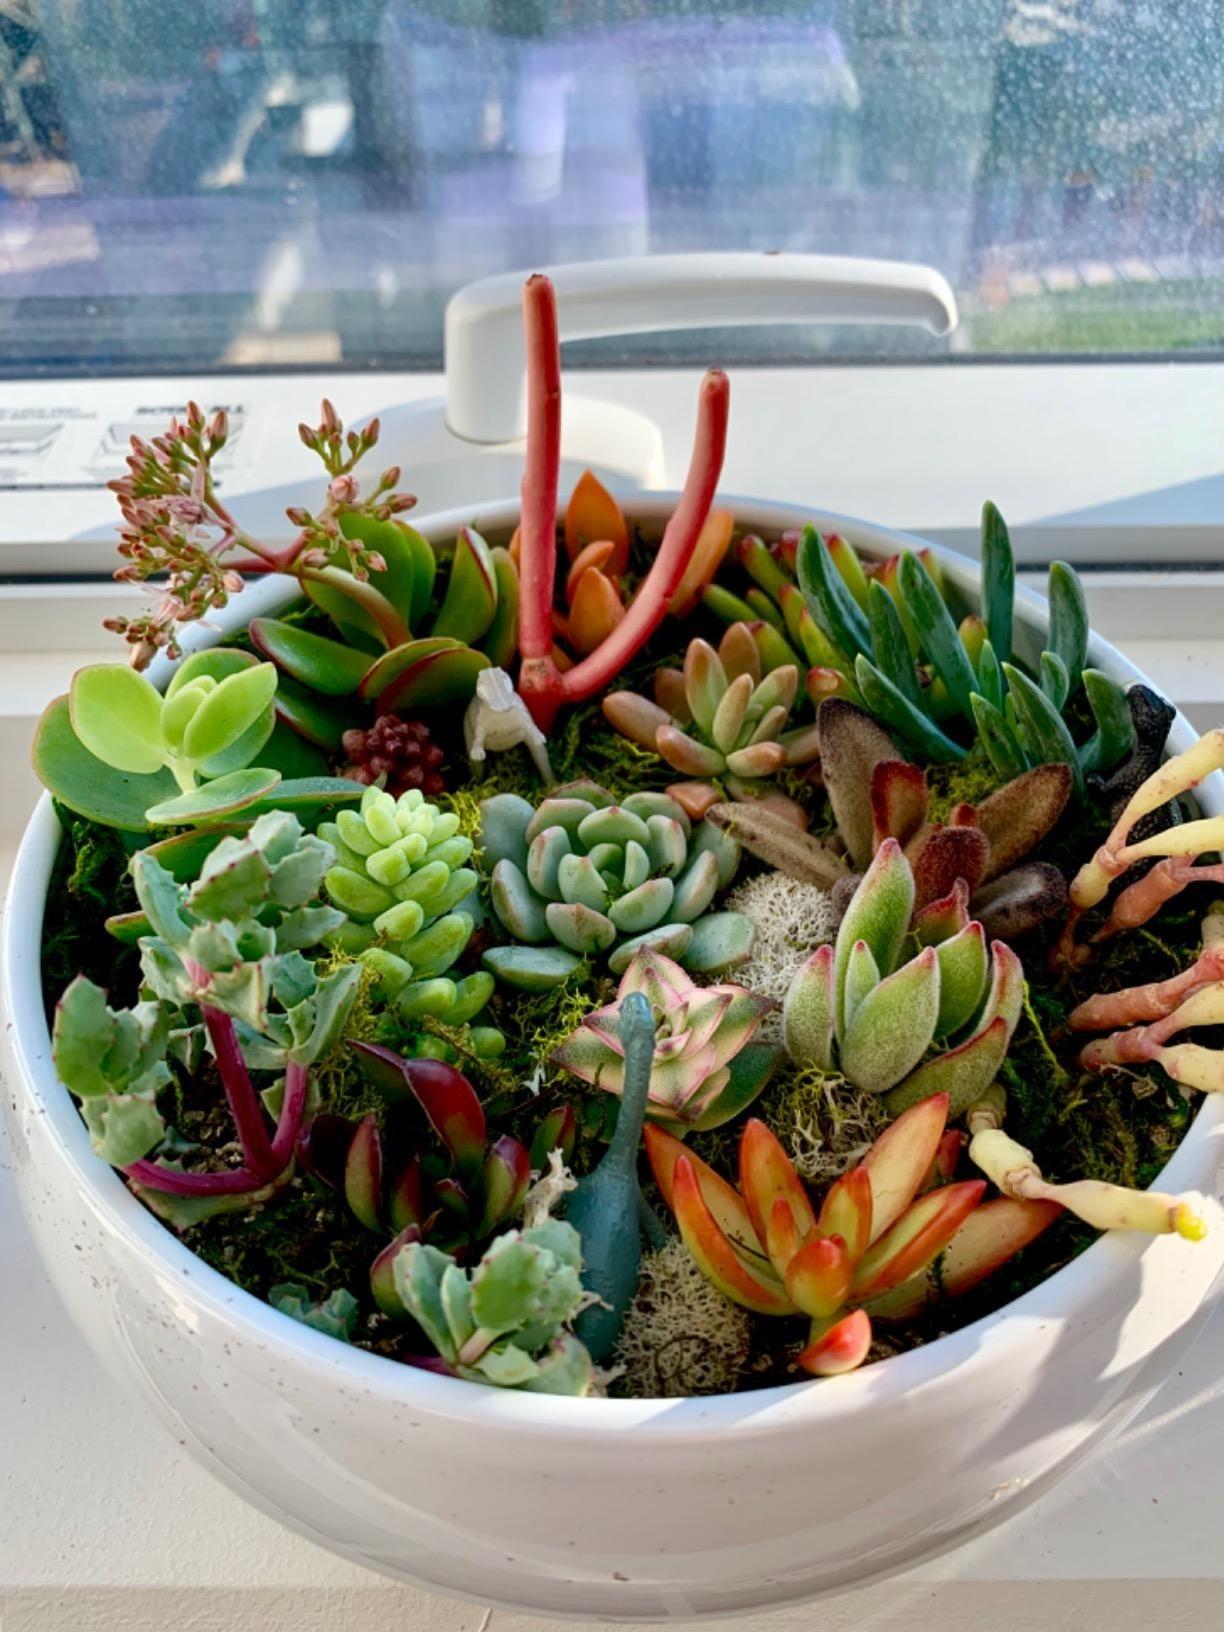 Reviewer photo of their terrarium